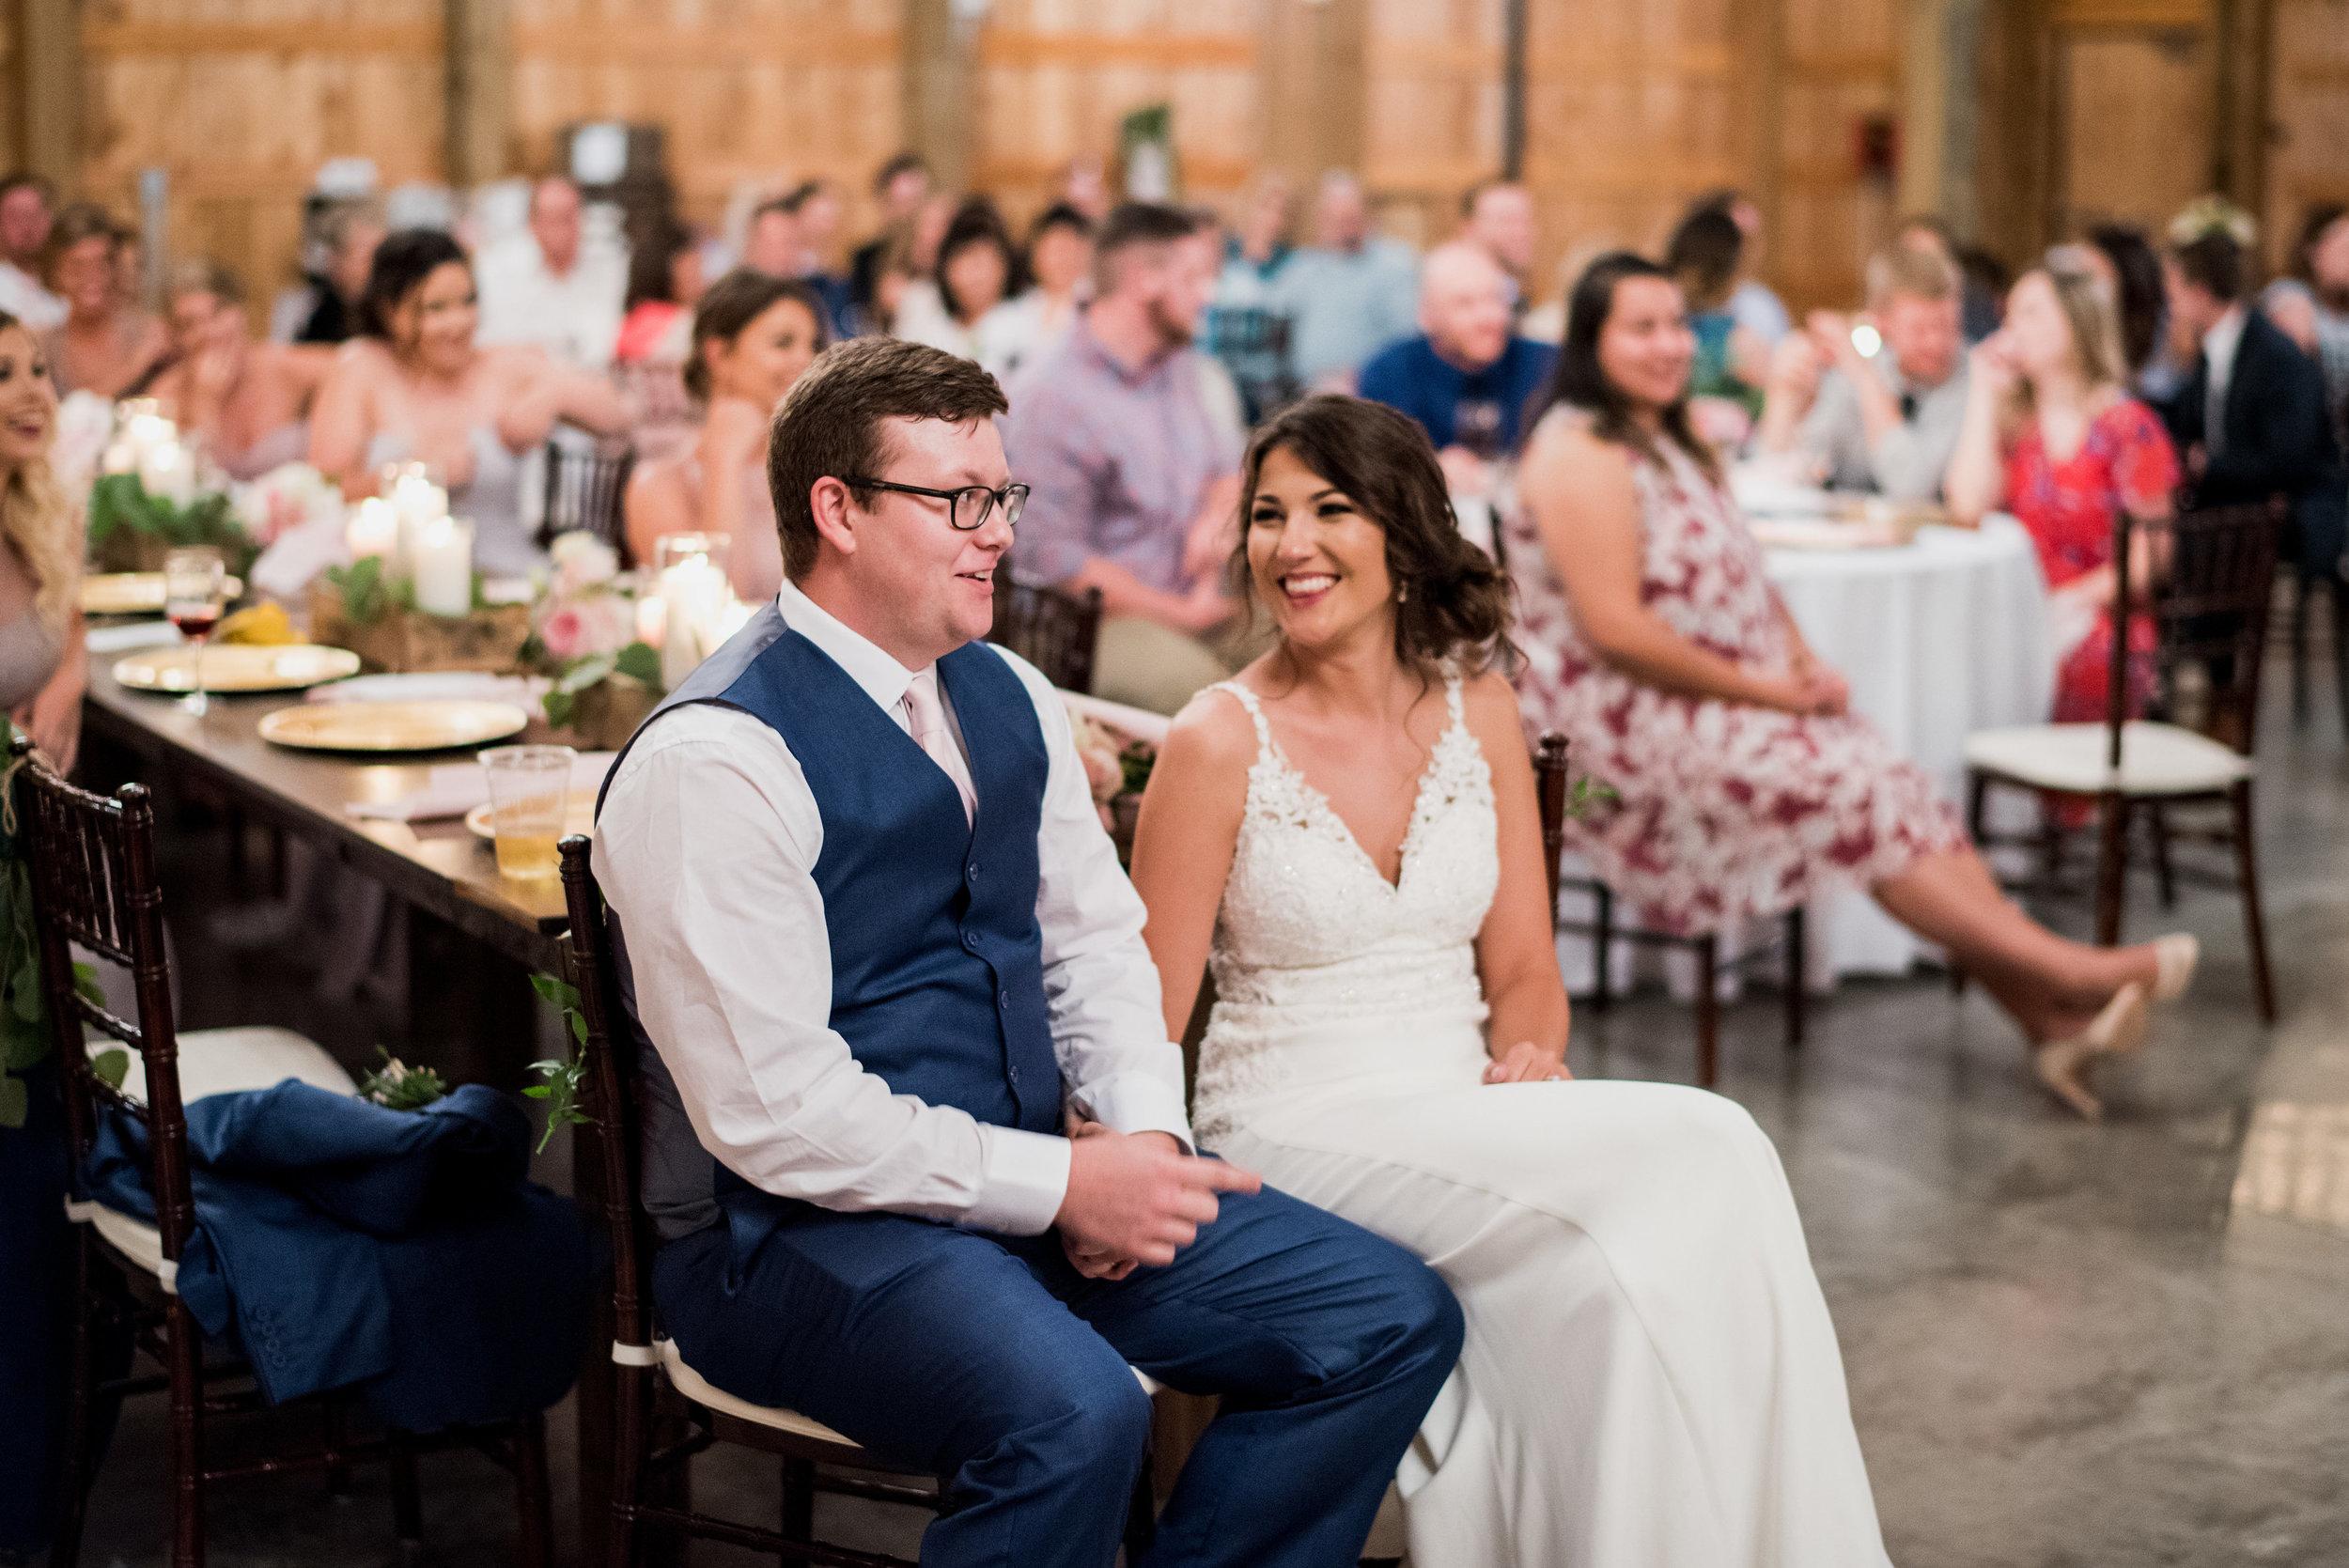 Saddlewood-Farms-Nashville-Wedding-Photographers-644.jpg